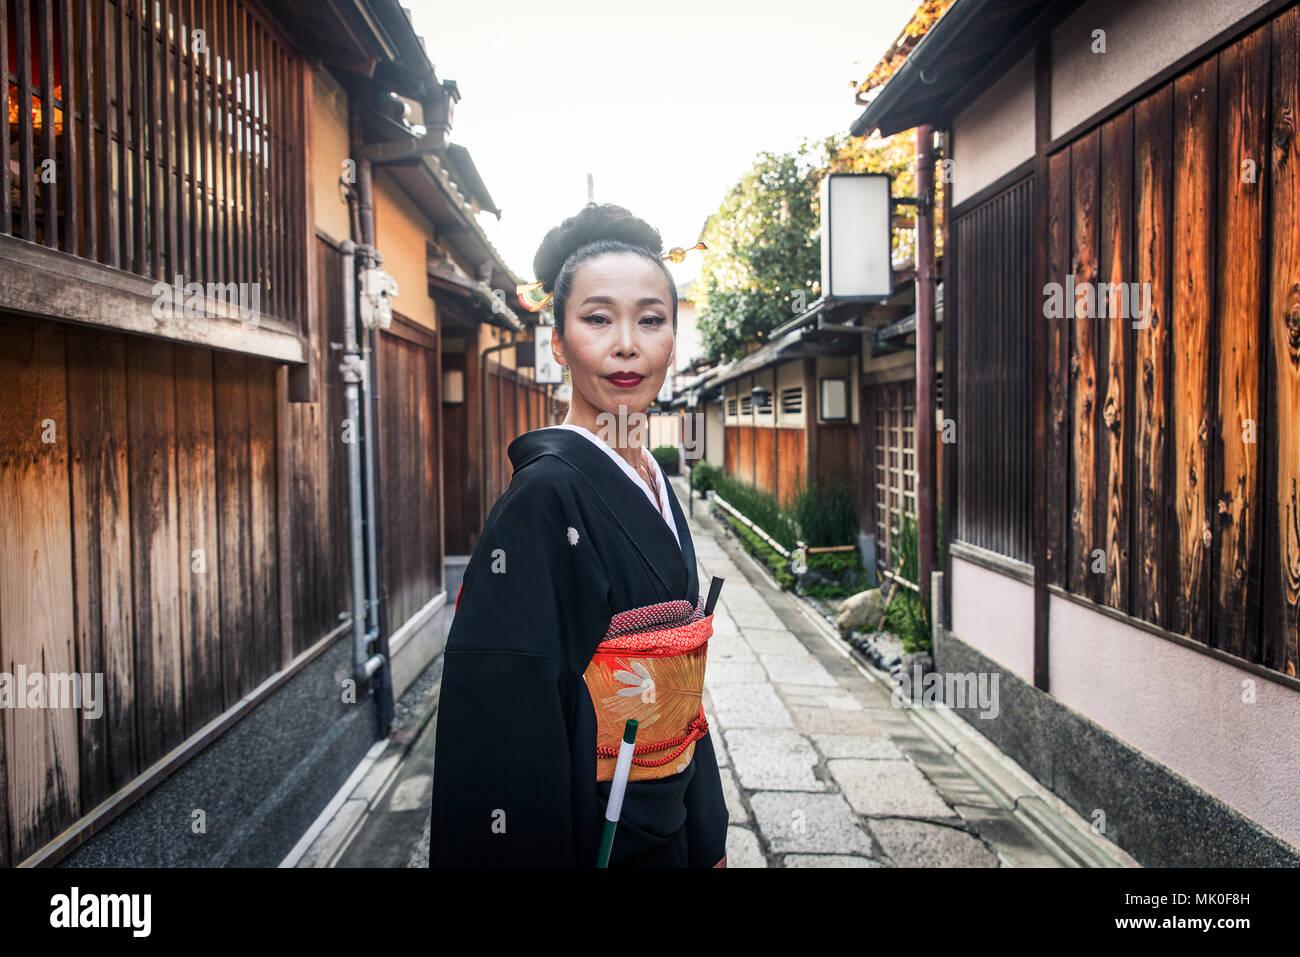 Mujer japonesa vestida con un traje tradicional y caminar al aire libre Imagen De Stock